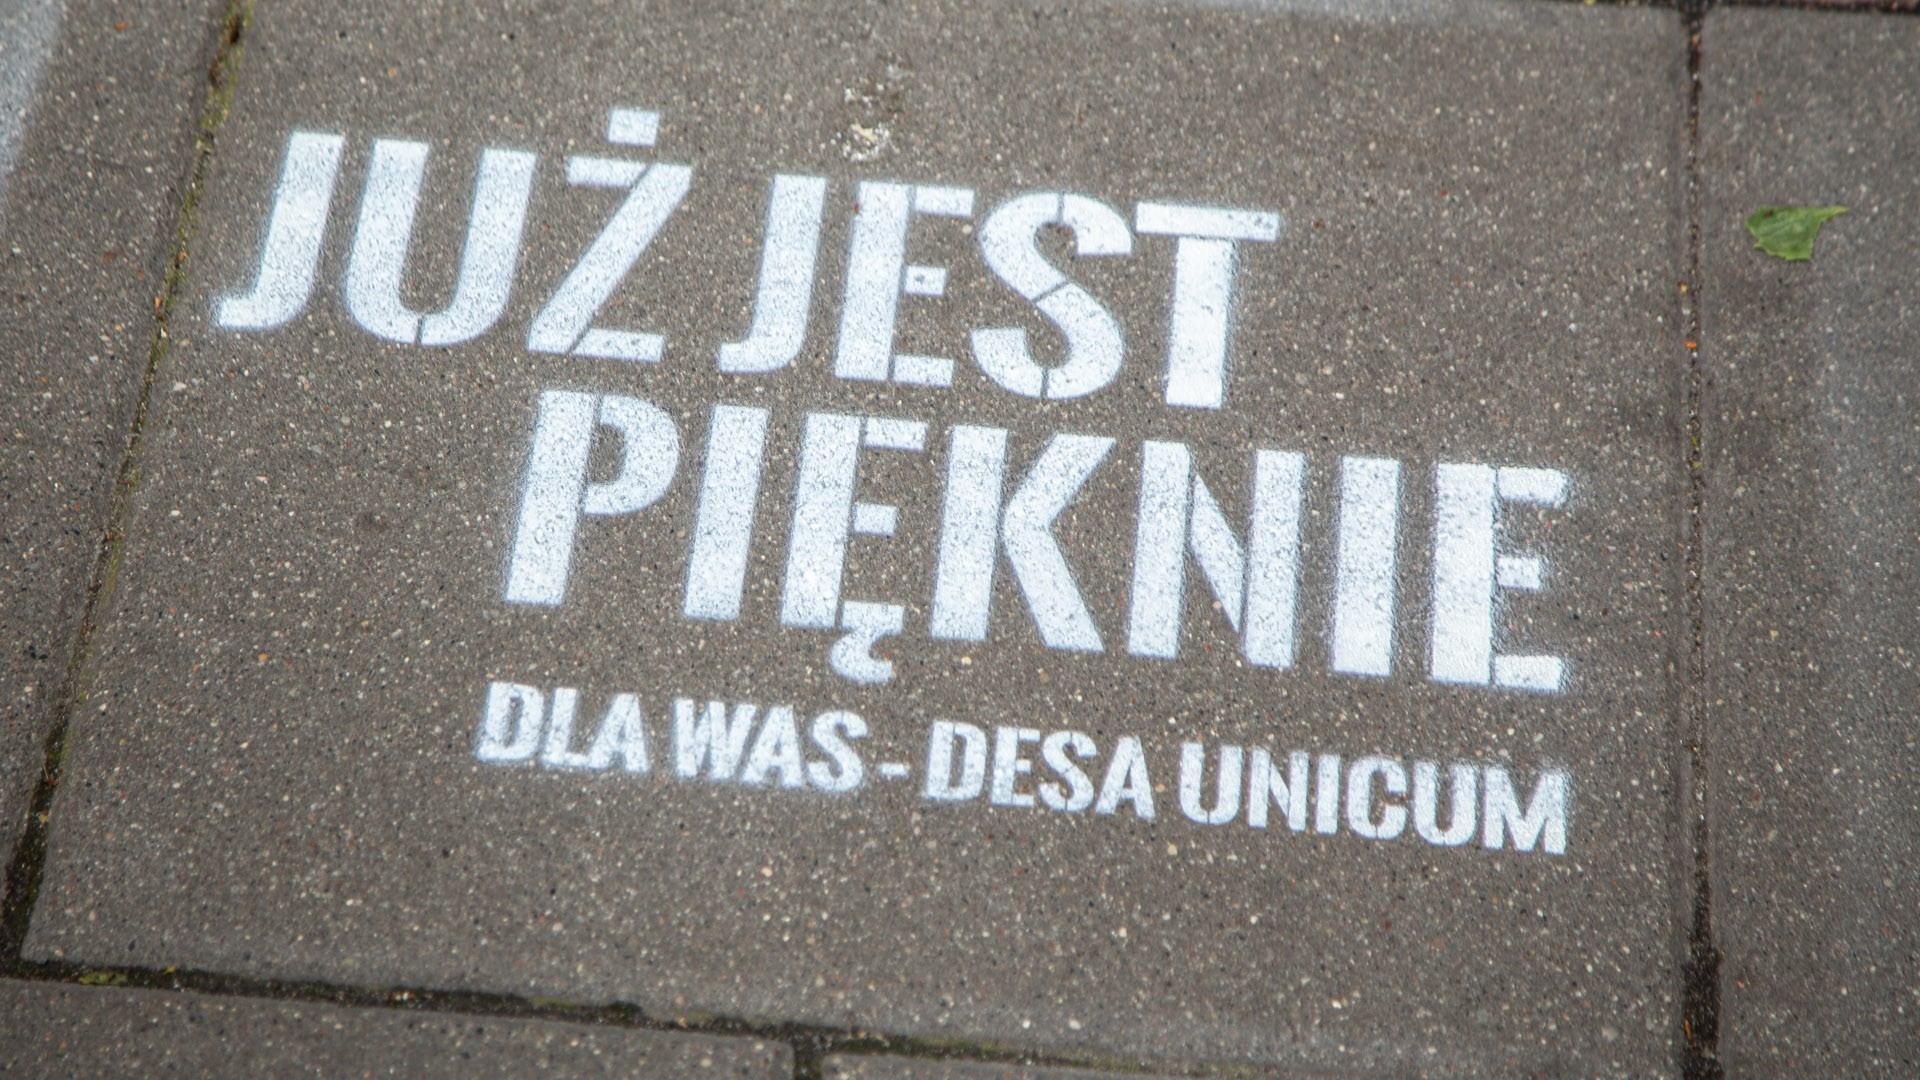 Art goes outside, photo: Paweł Bobrowski